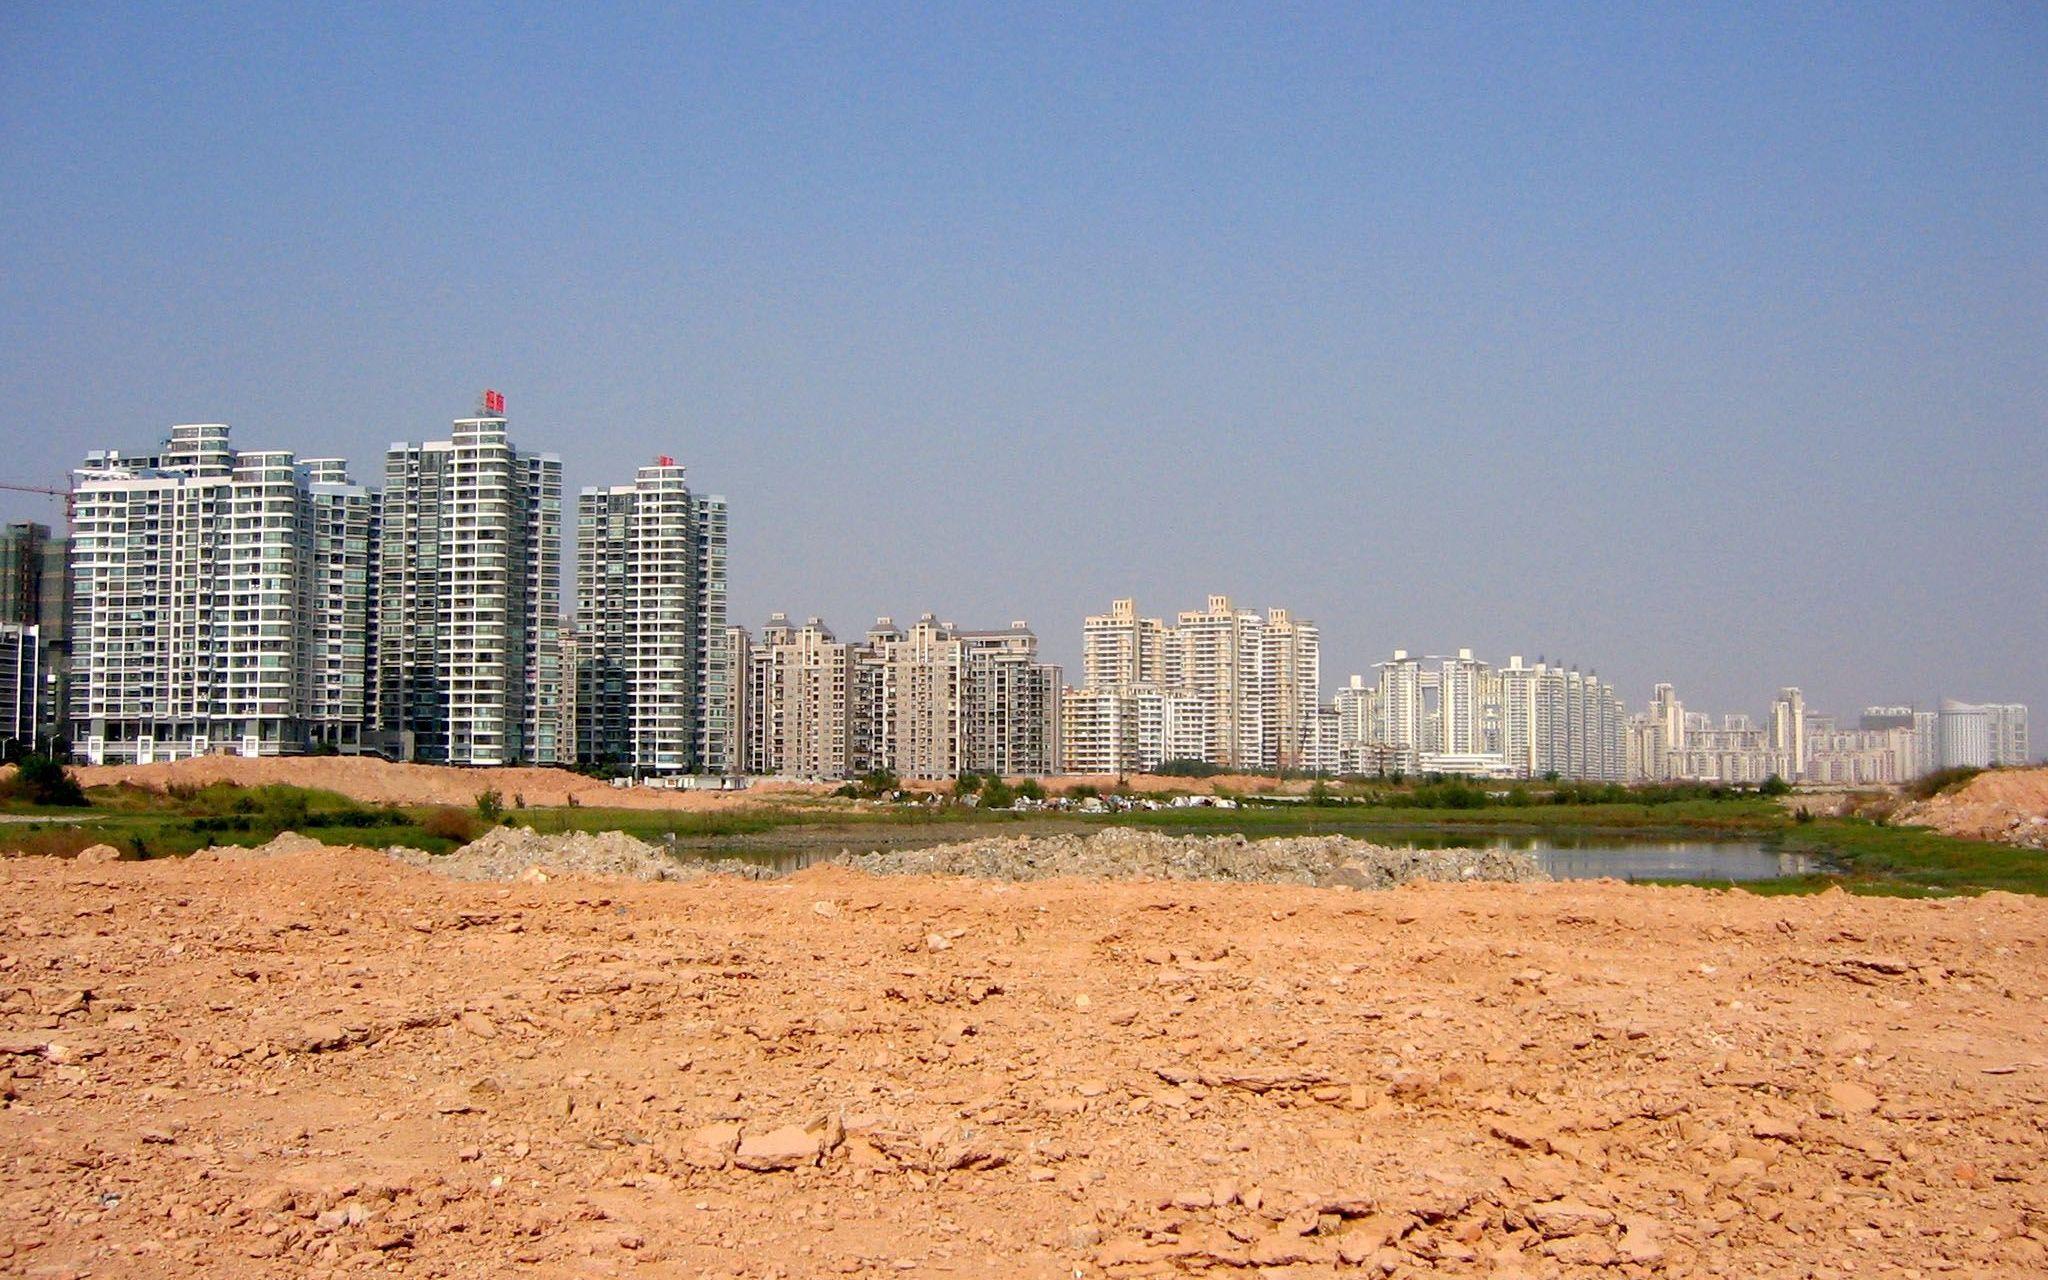 严金明:后疫情时代,如何破解城乡土地结构失衡?